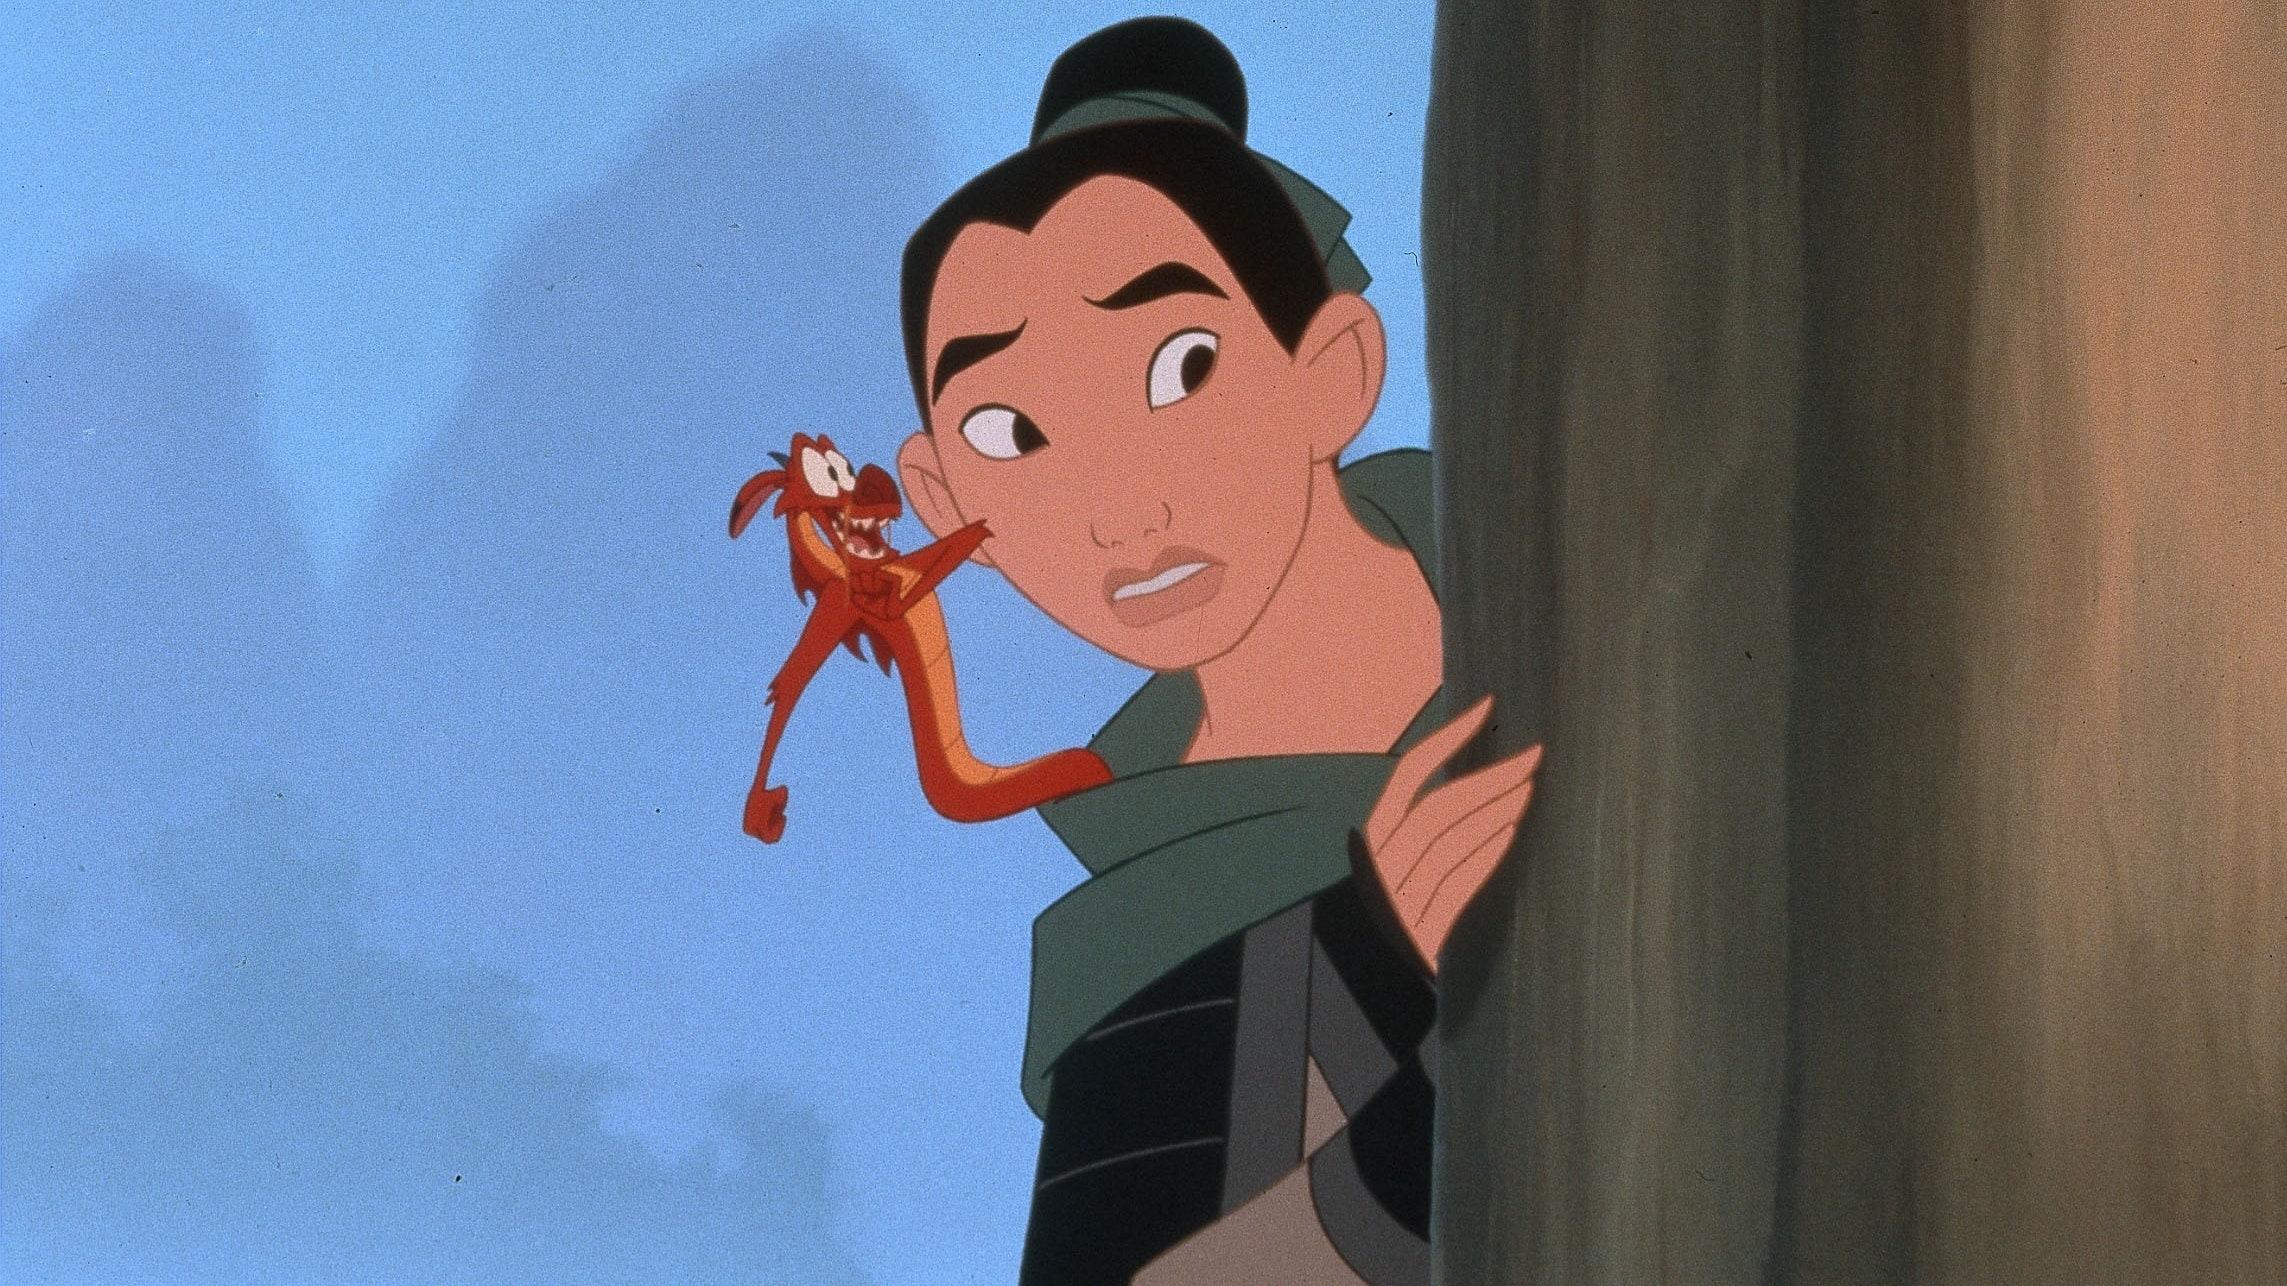 Mulan, plats fem på listan över de bästa Disneyfilmerna